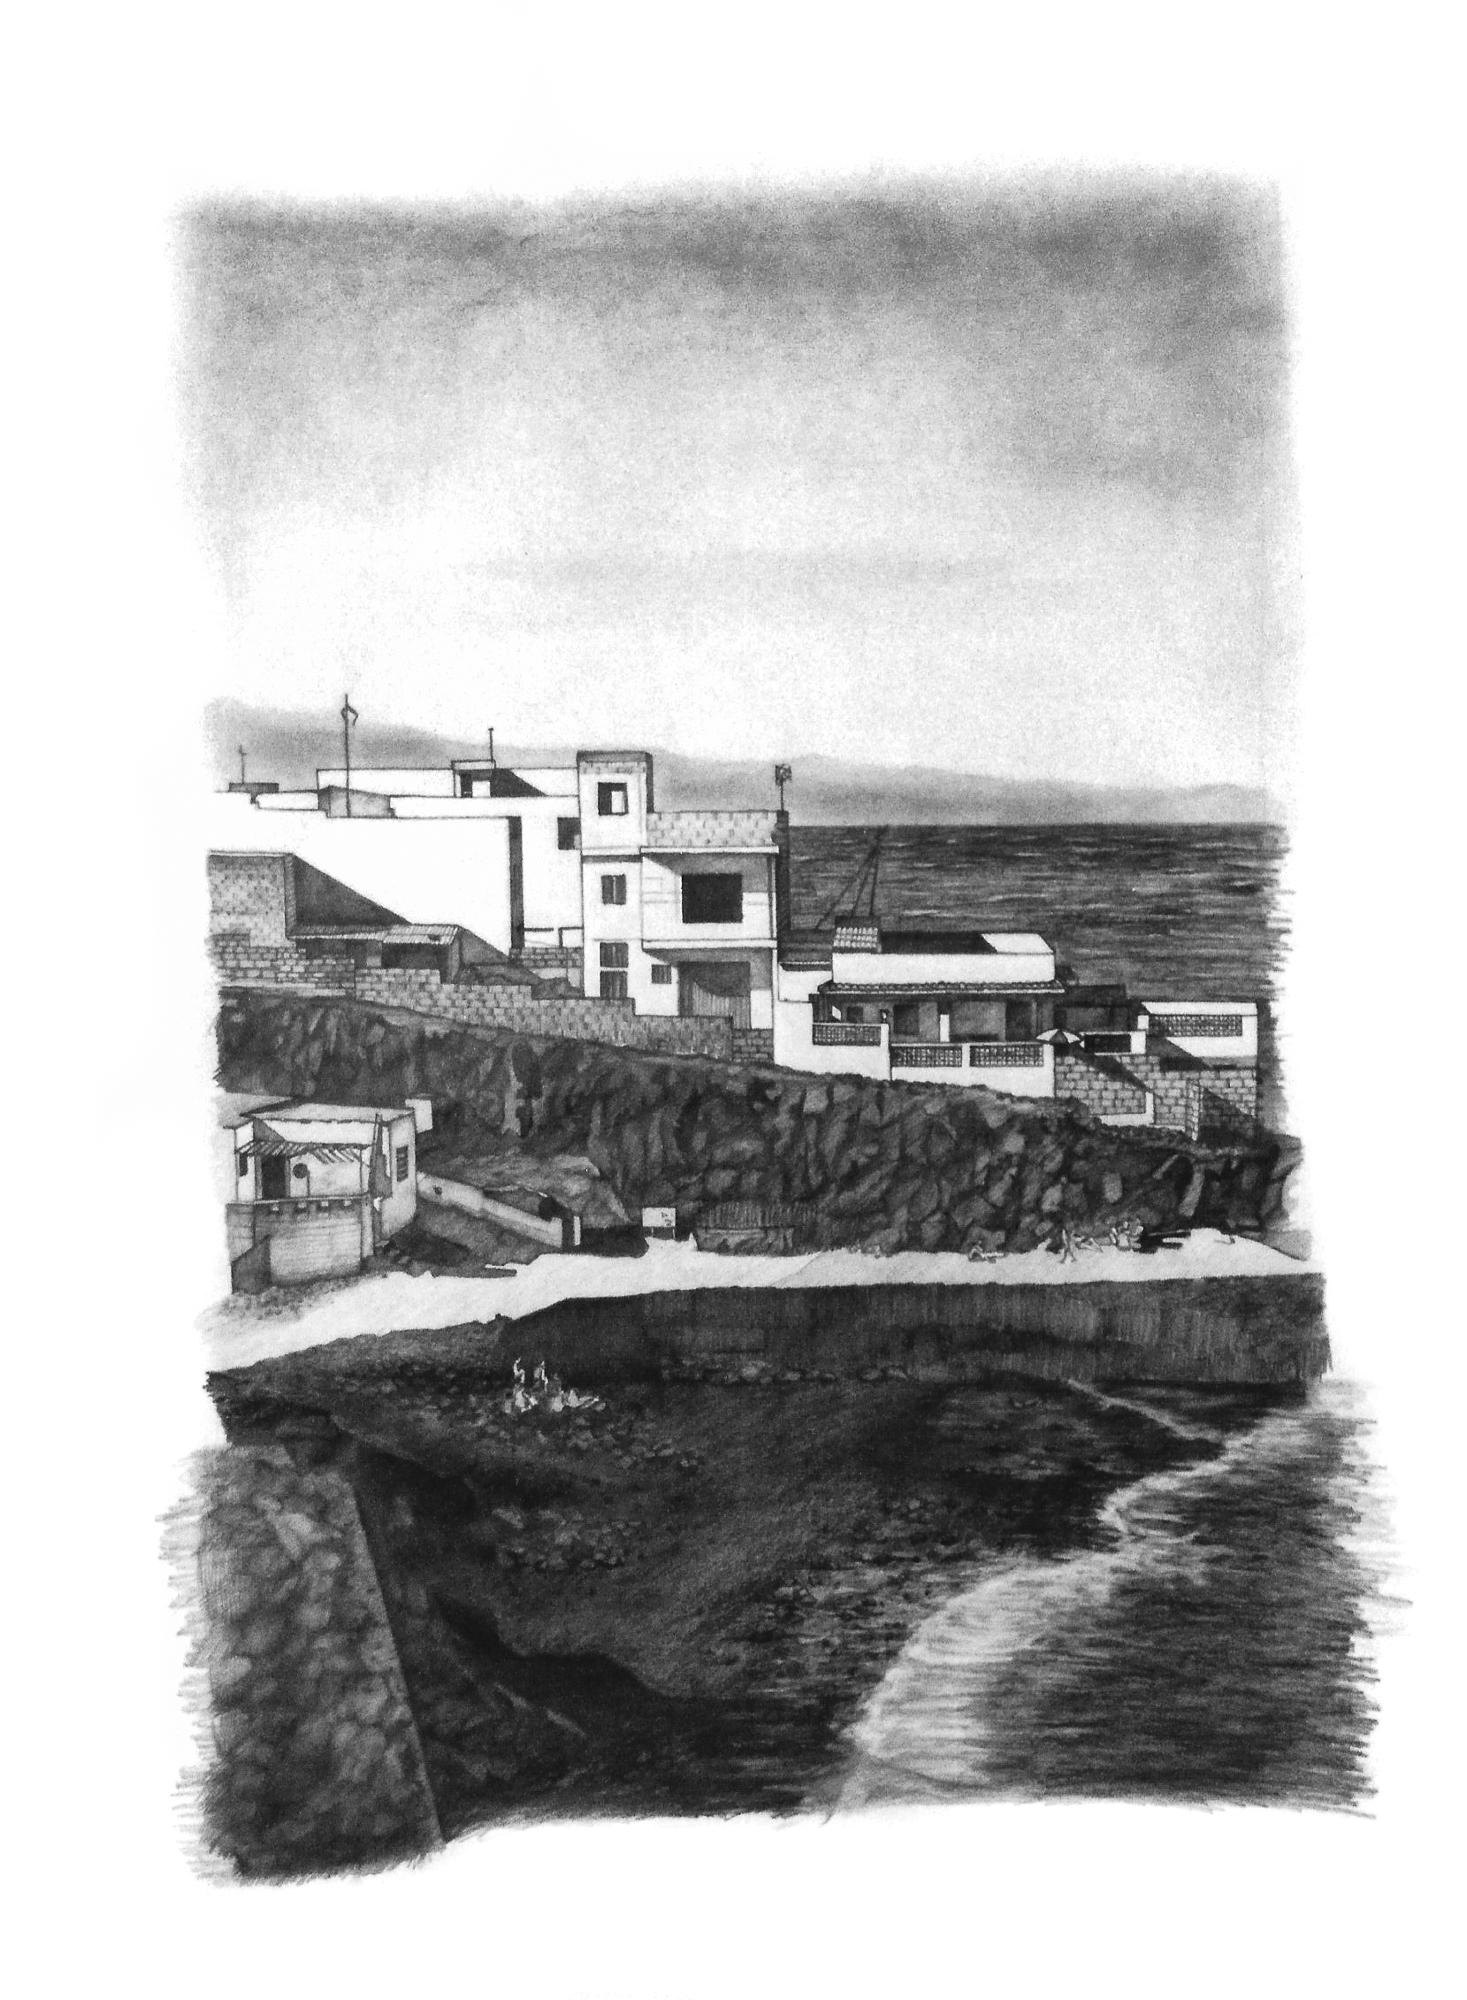 Magnolia Soto. Paisaje Canario 10. 1997. Grafito sobre papel. 84 x 60 cm.